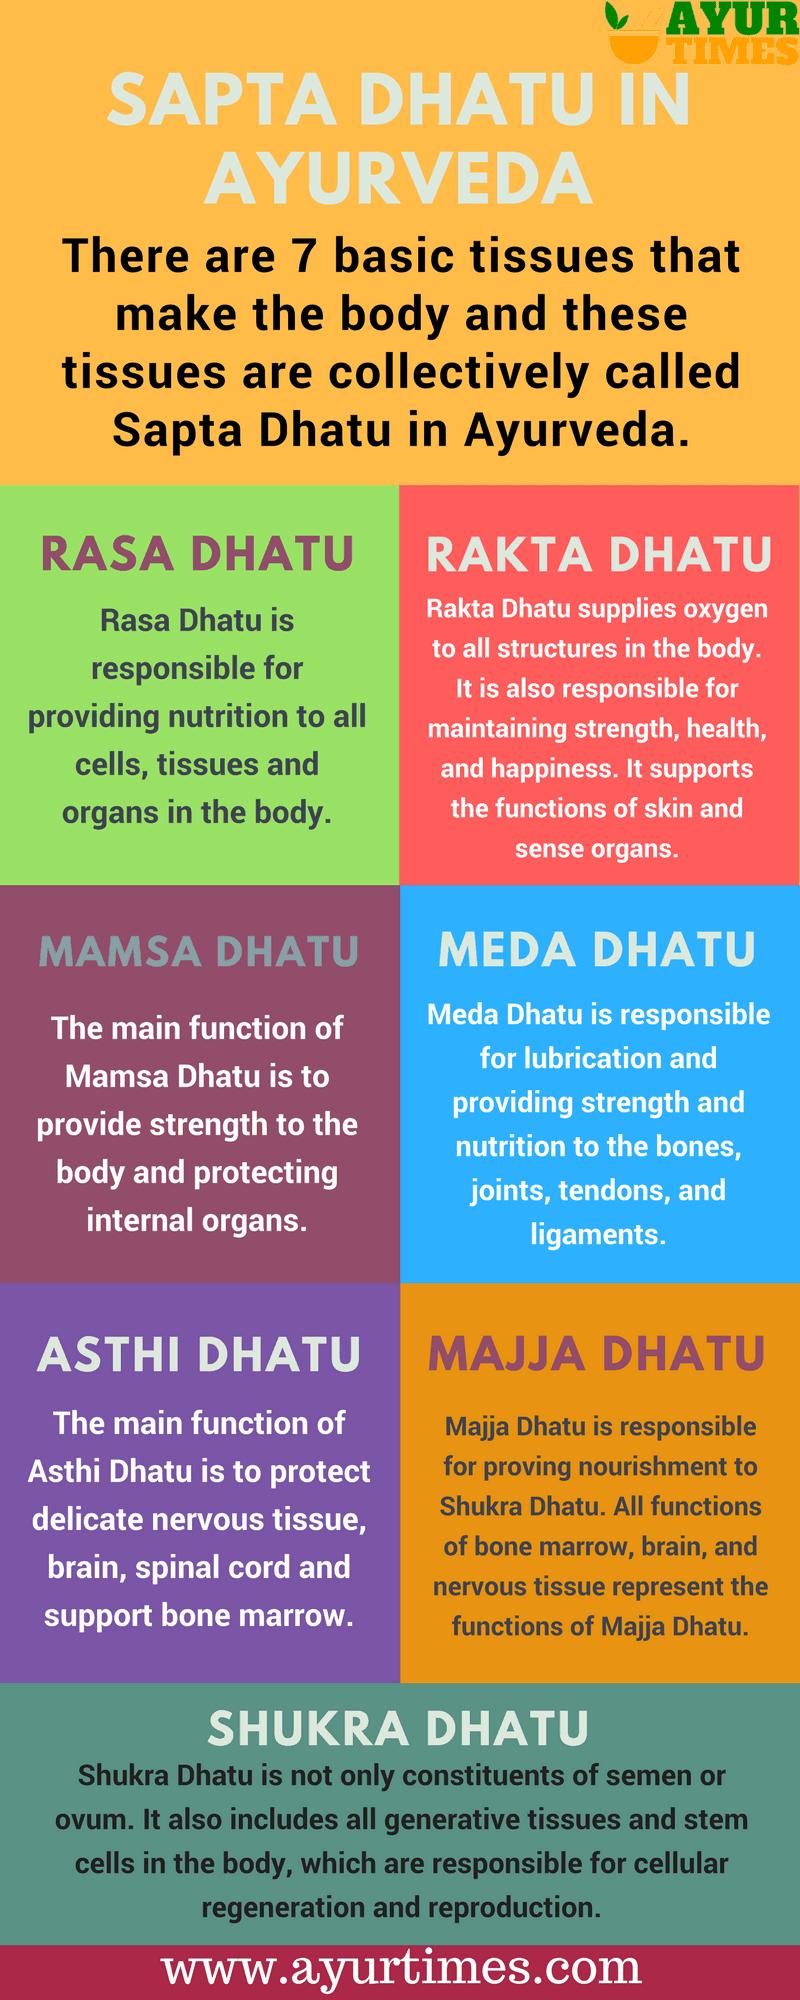 Sapta Dhatu in Ayurveda Infographic